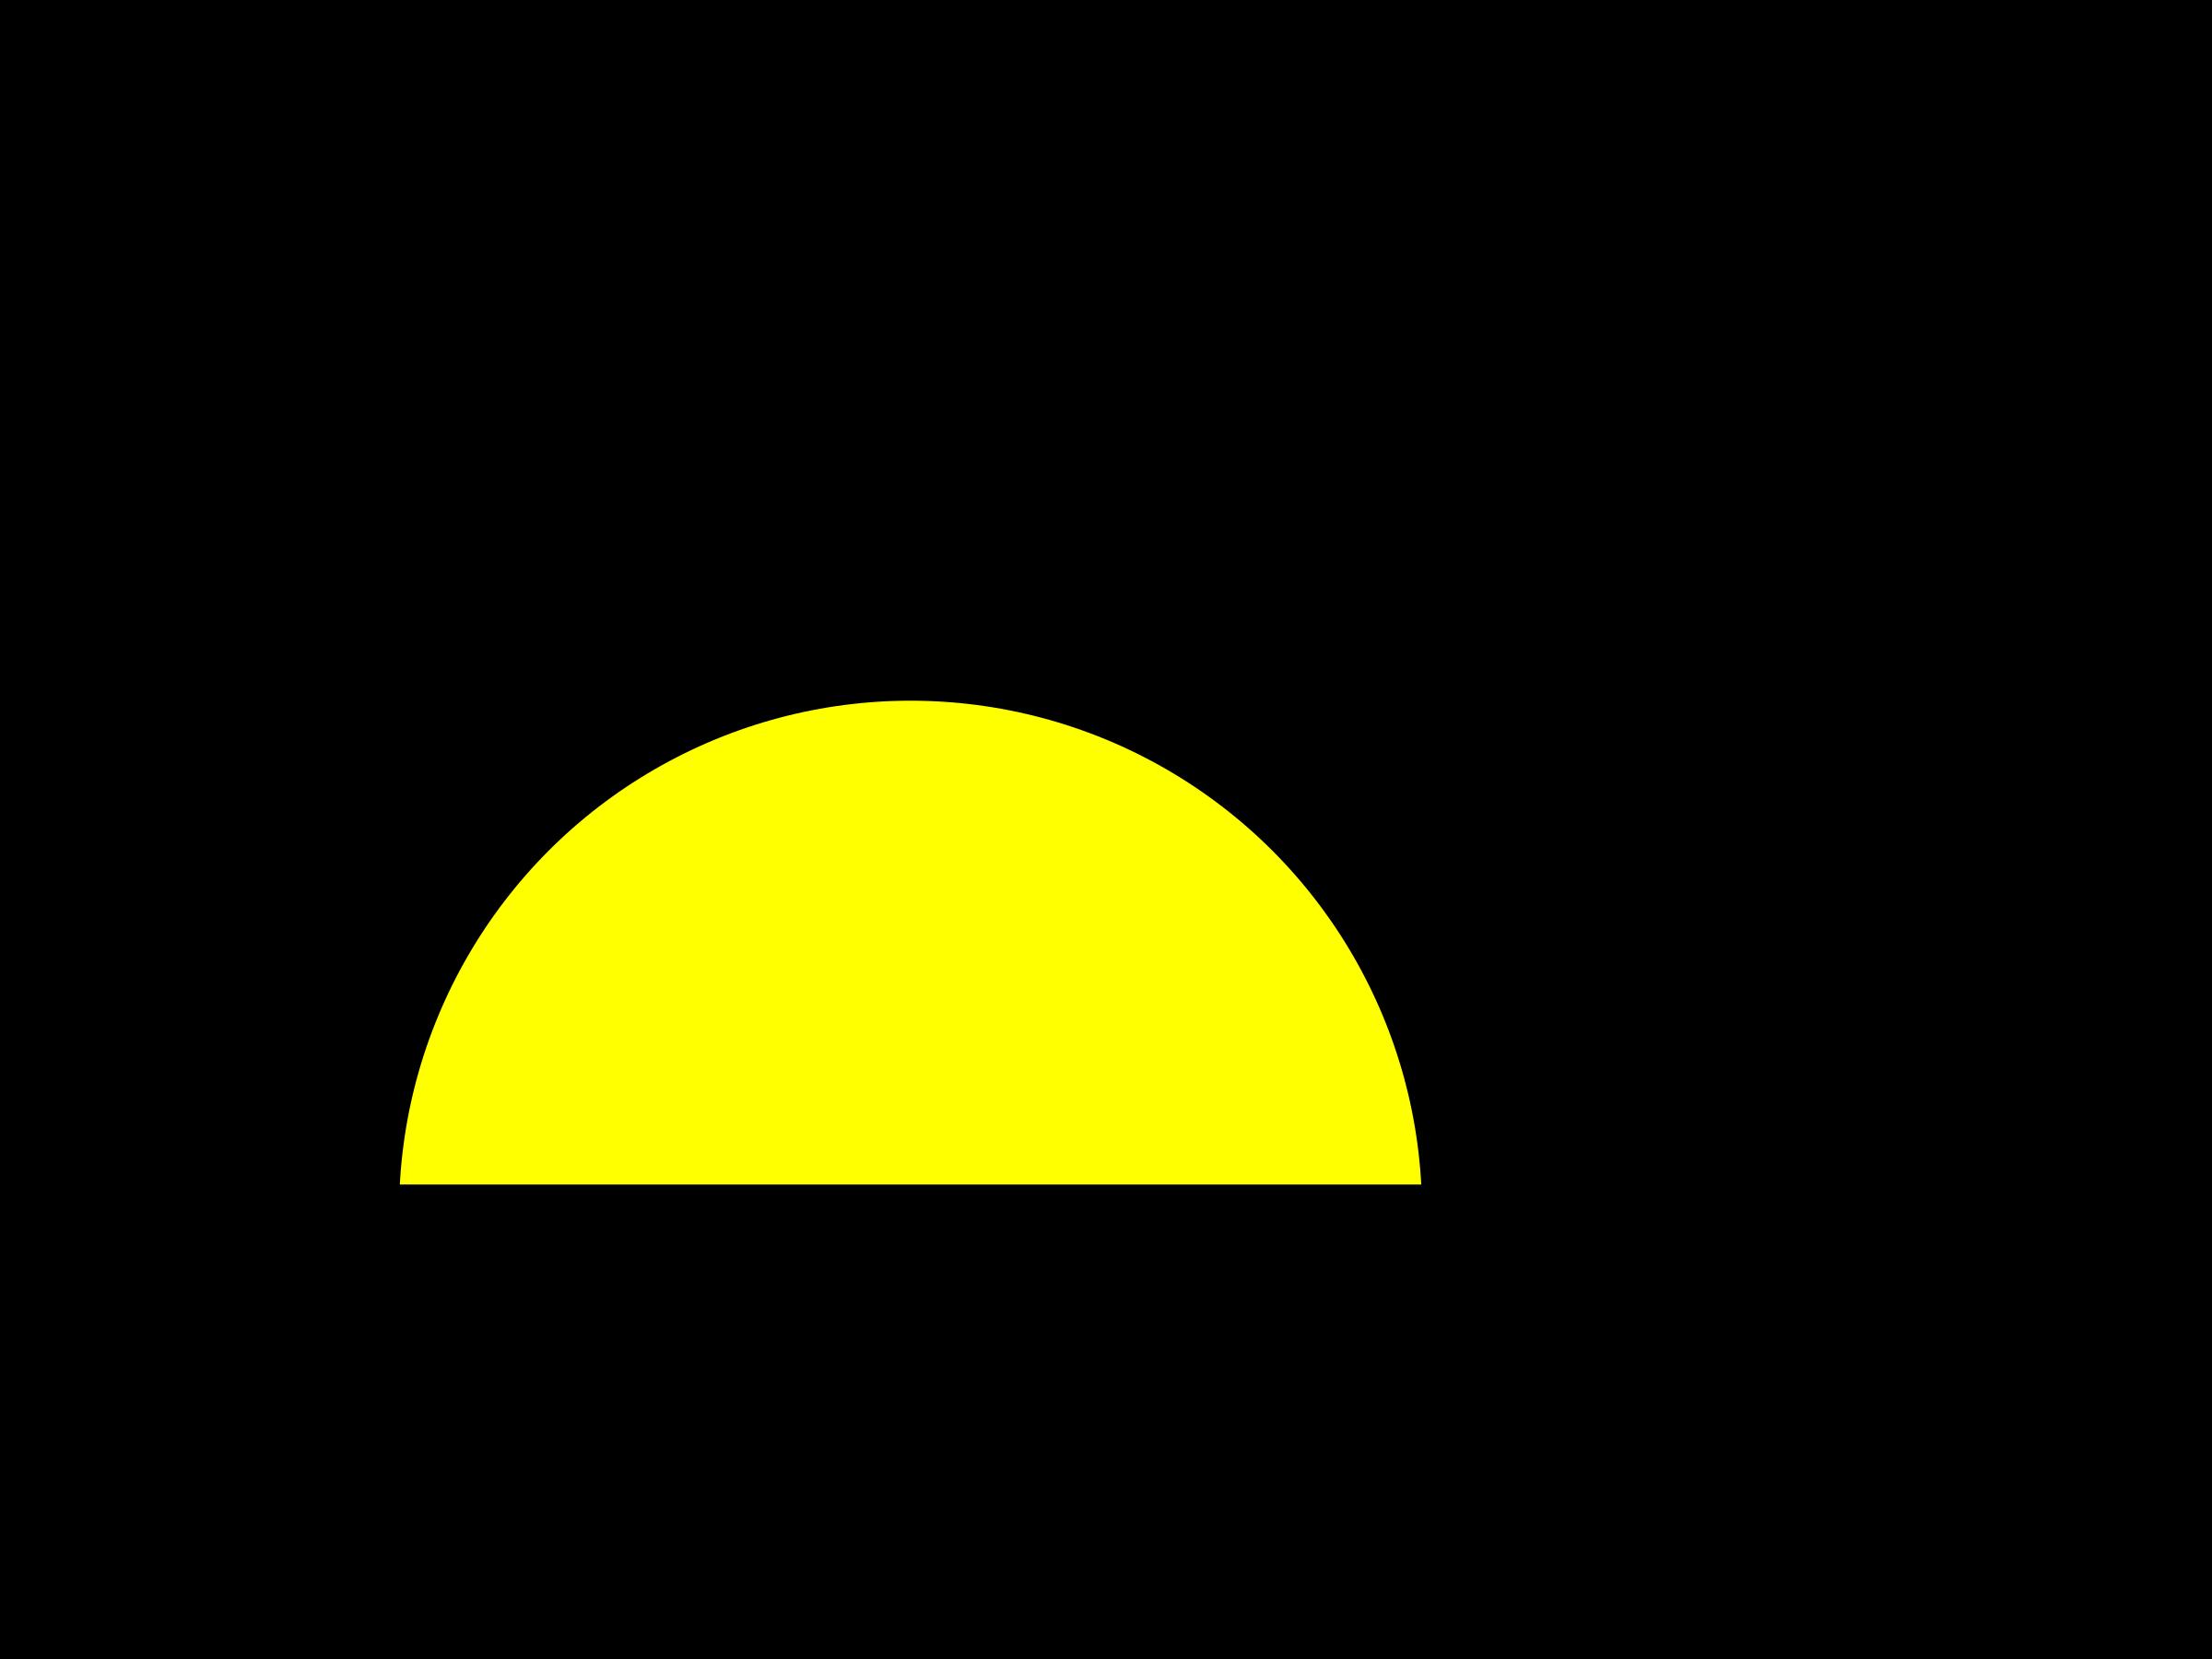 sunset clipart sundown